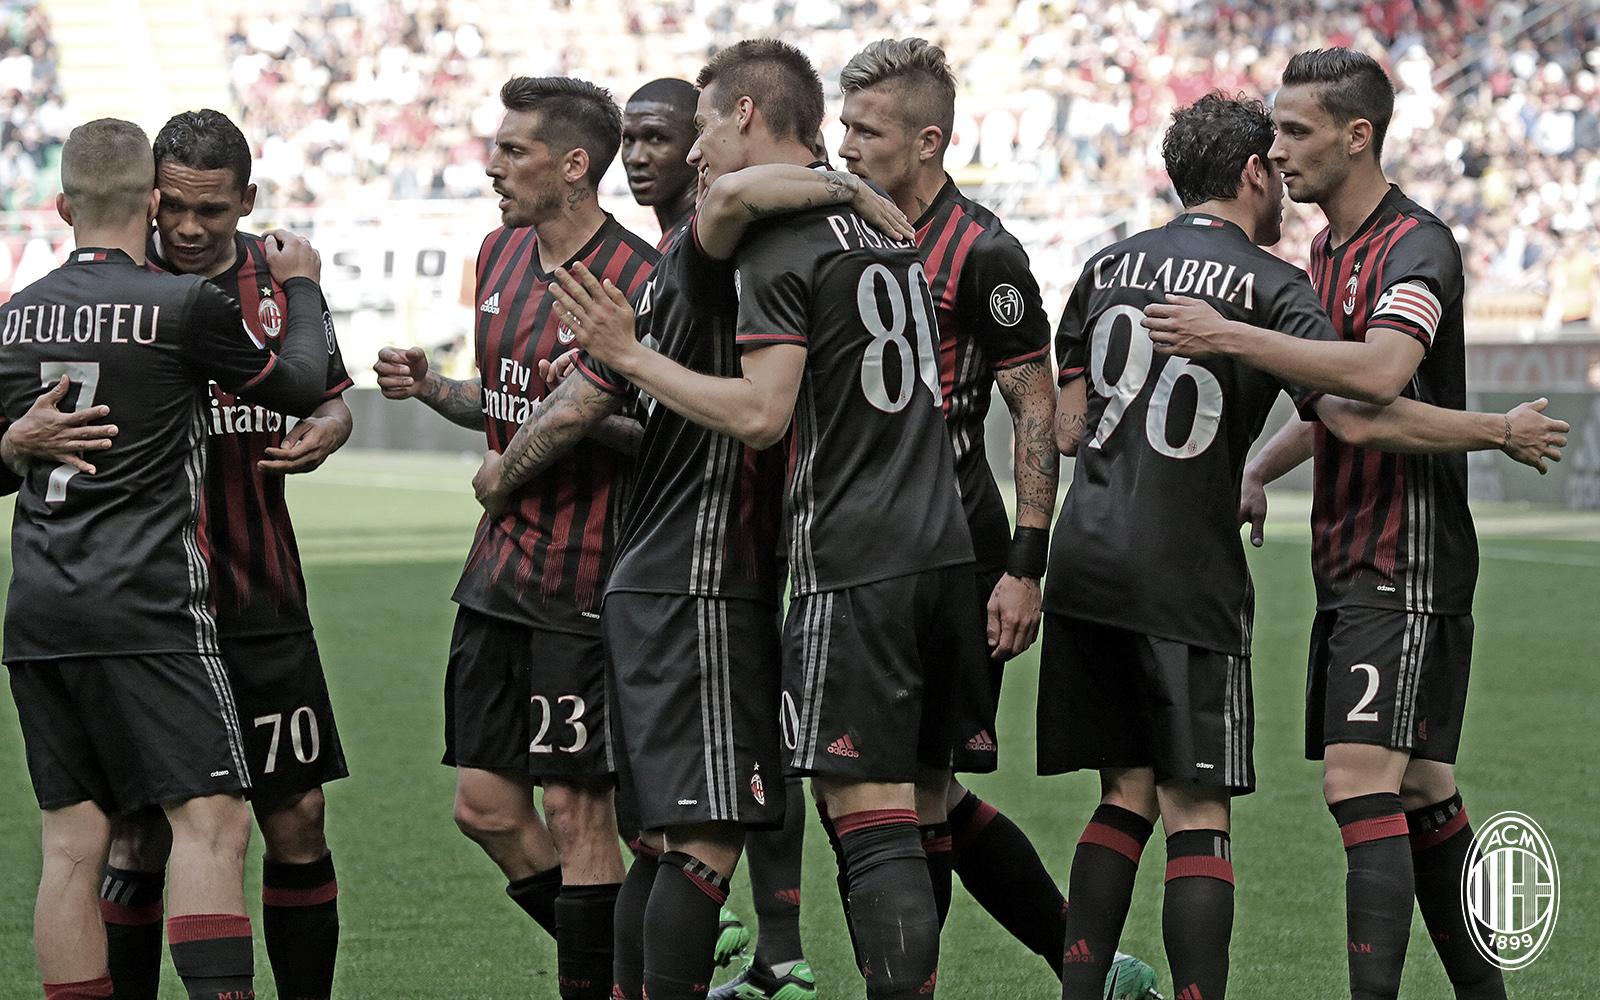 L'esultanza dei ragazzi durante Milan-Palermo